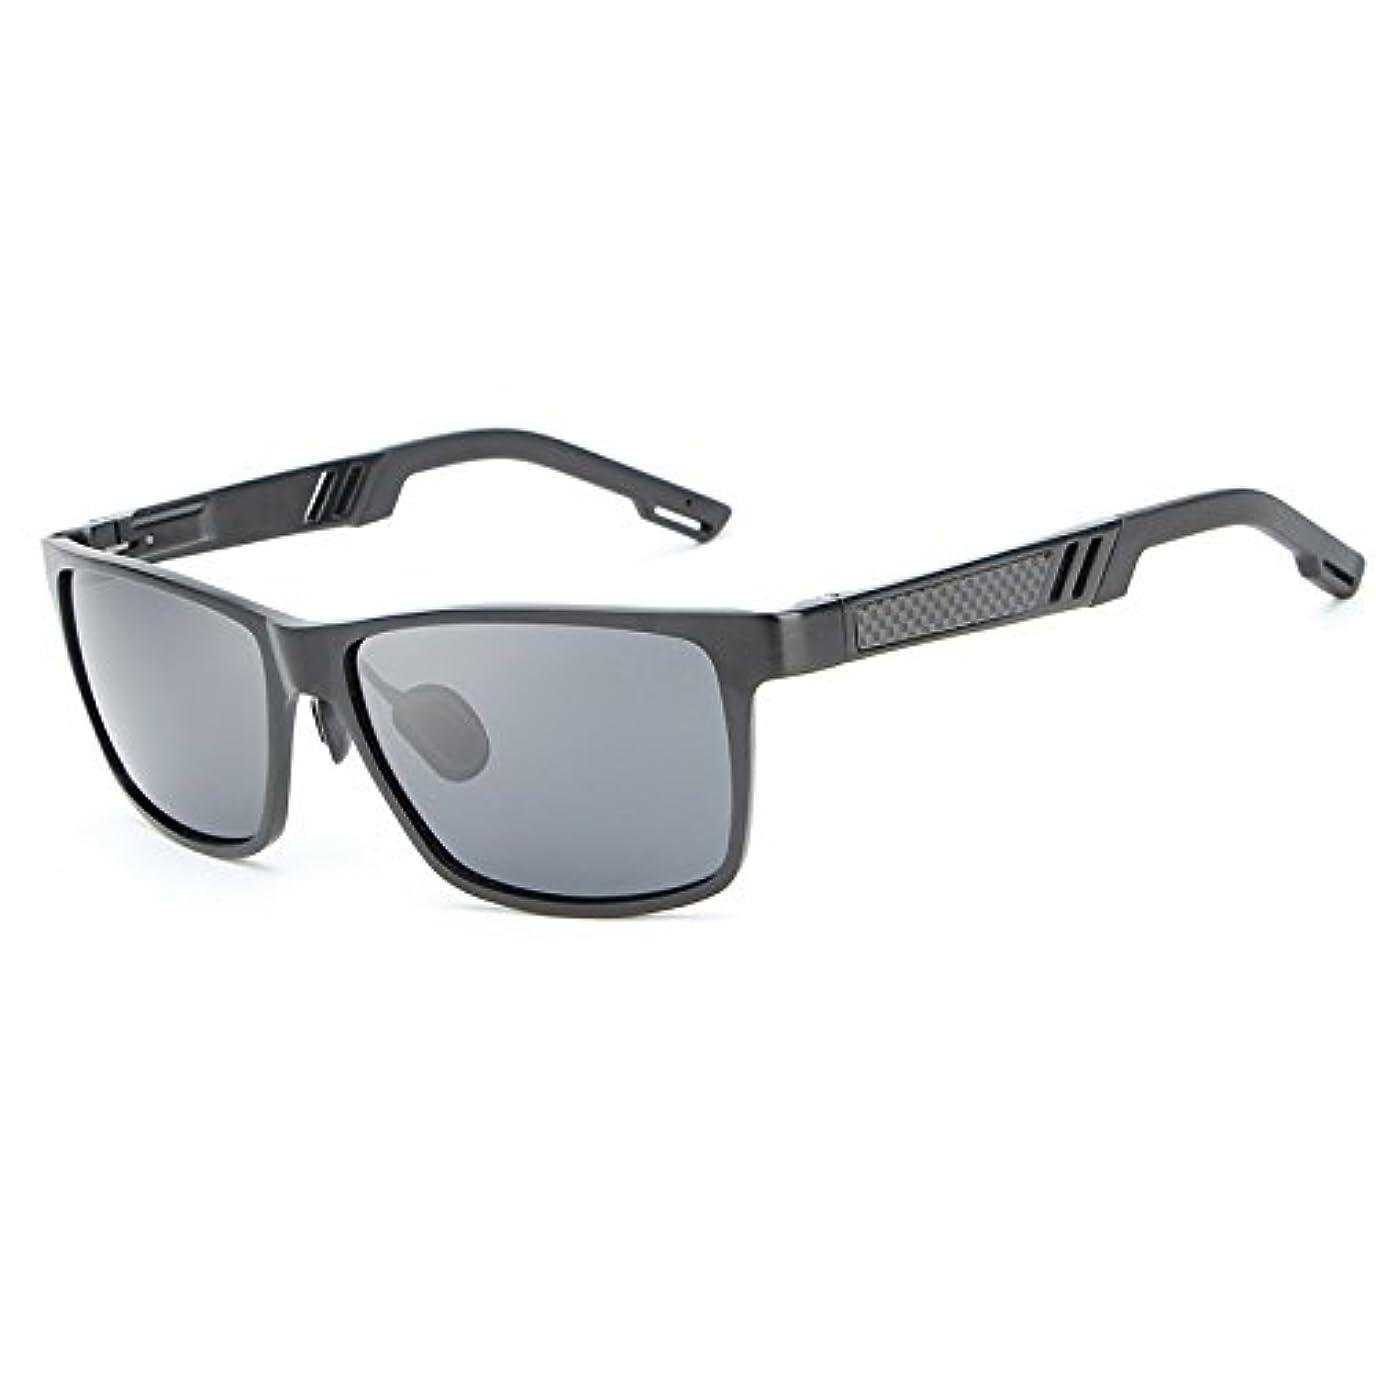 形故障分布サングラス 偏光 新しいァッション 釣り運転メンズサングラス 女性アルミニウム - マグネシウム合金フレーム 高強度と, ファッションサングラス